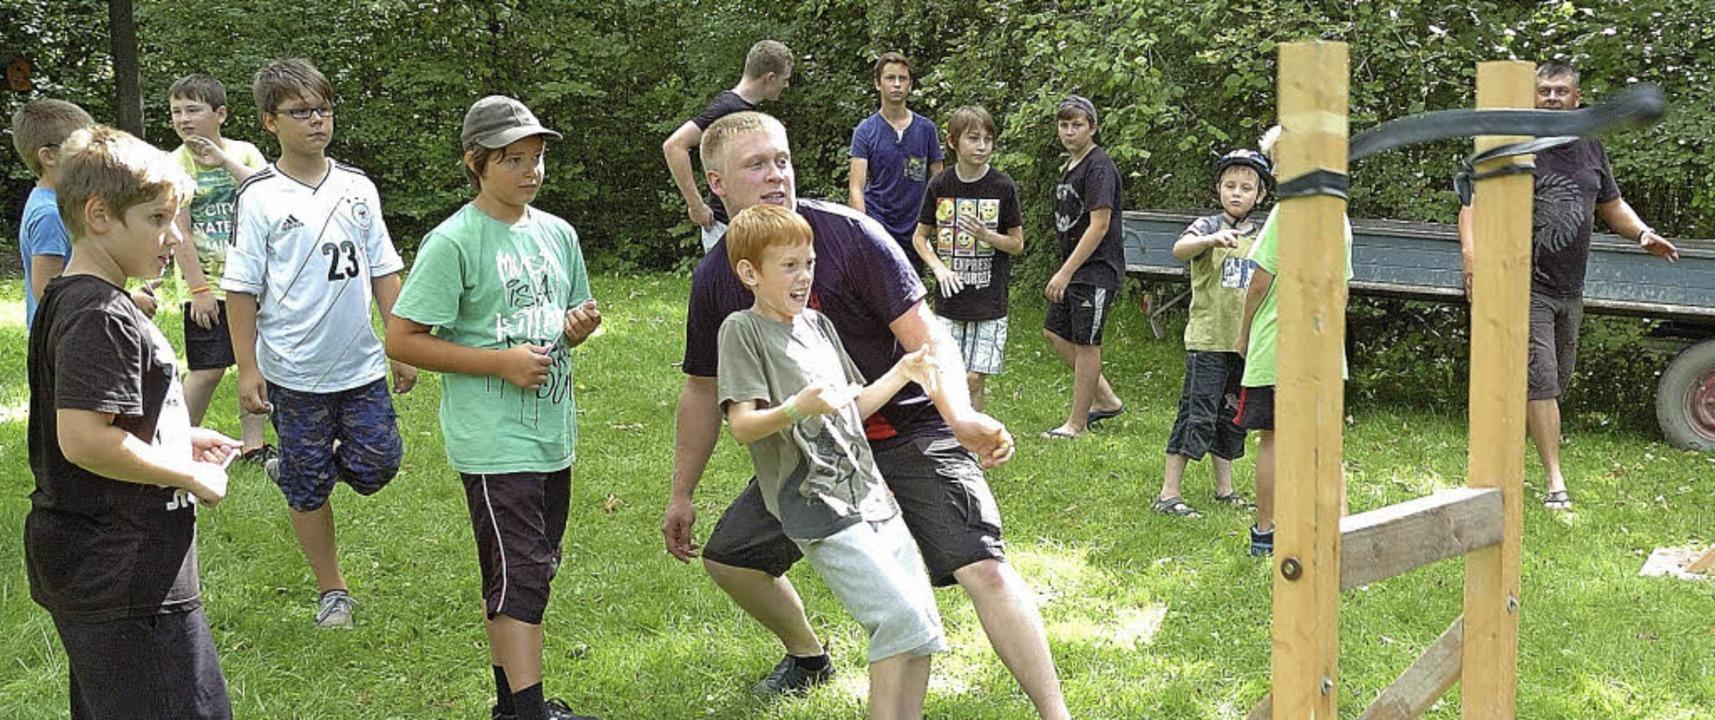 Spaß hatten die Kinder beim Schießen mit der Schleuder.  | Foto: Schweizer